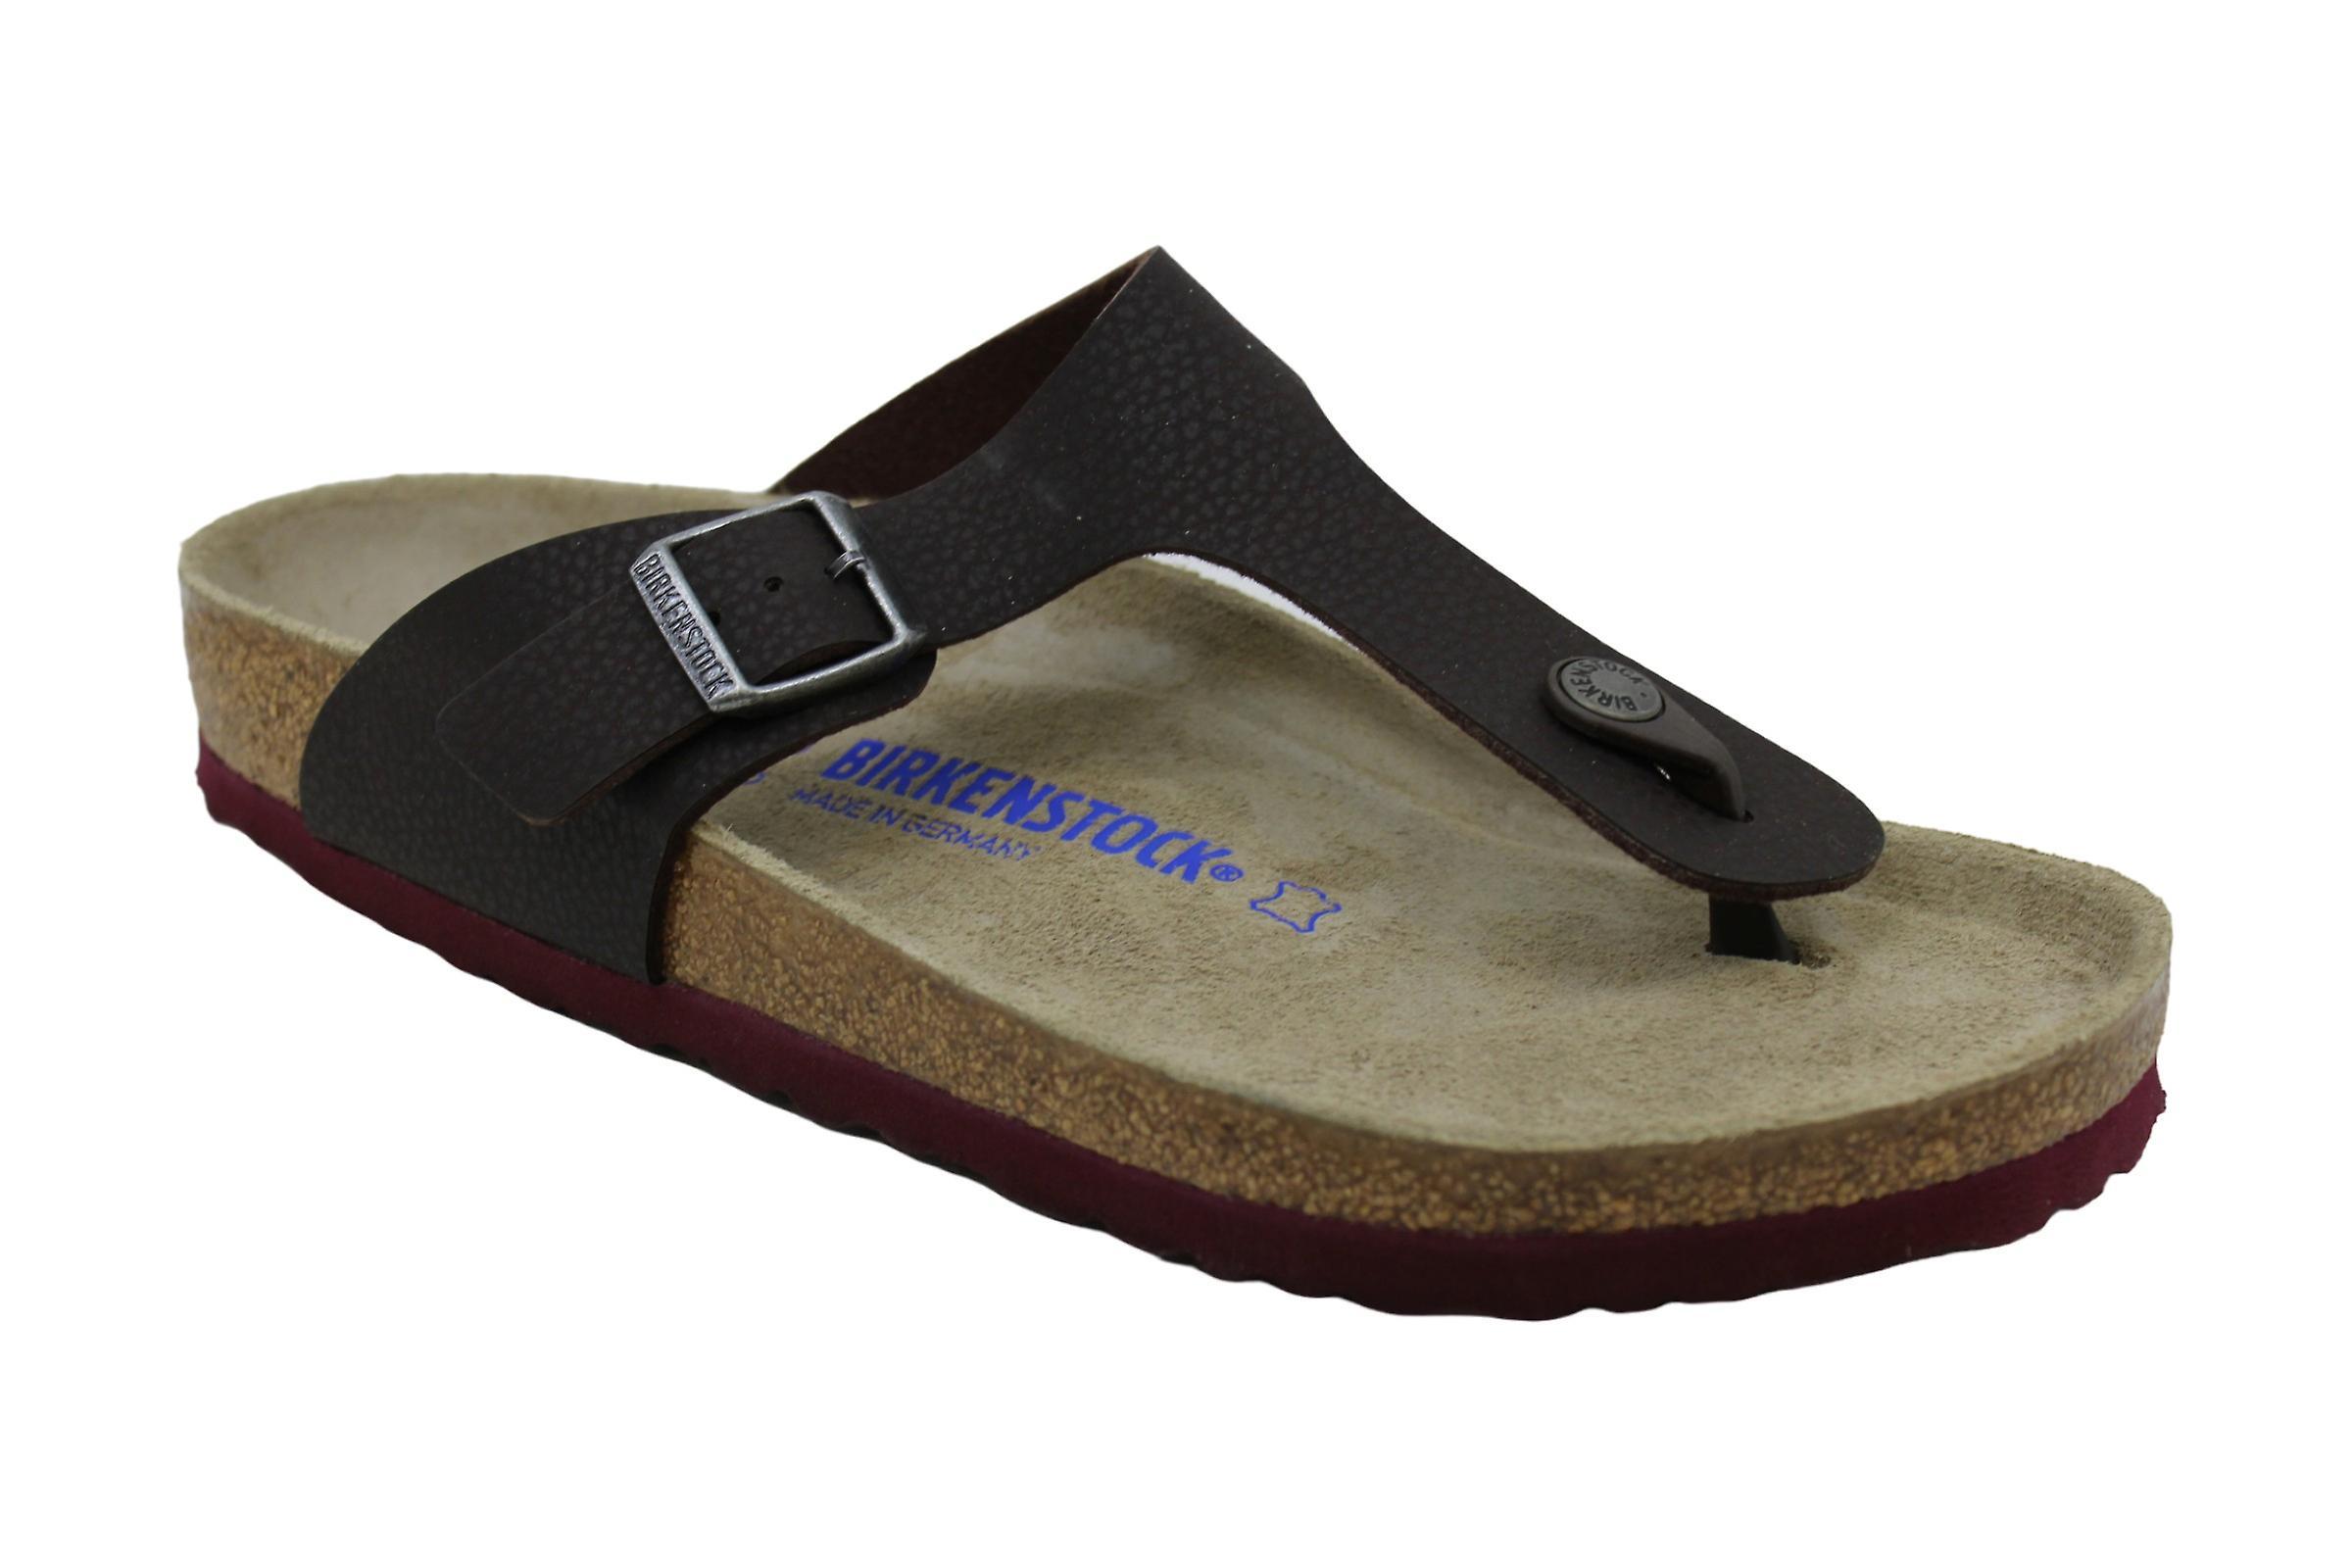 Birkenstock Womens Gizeh Leather Open Toe Casual Slide Sandals